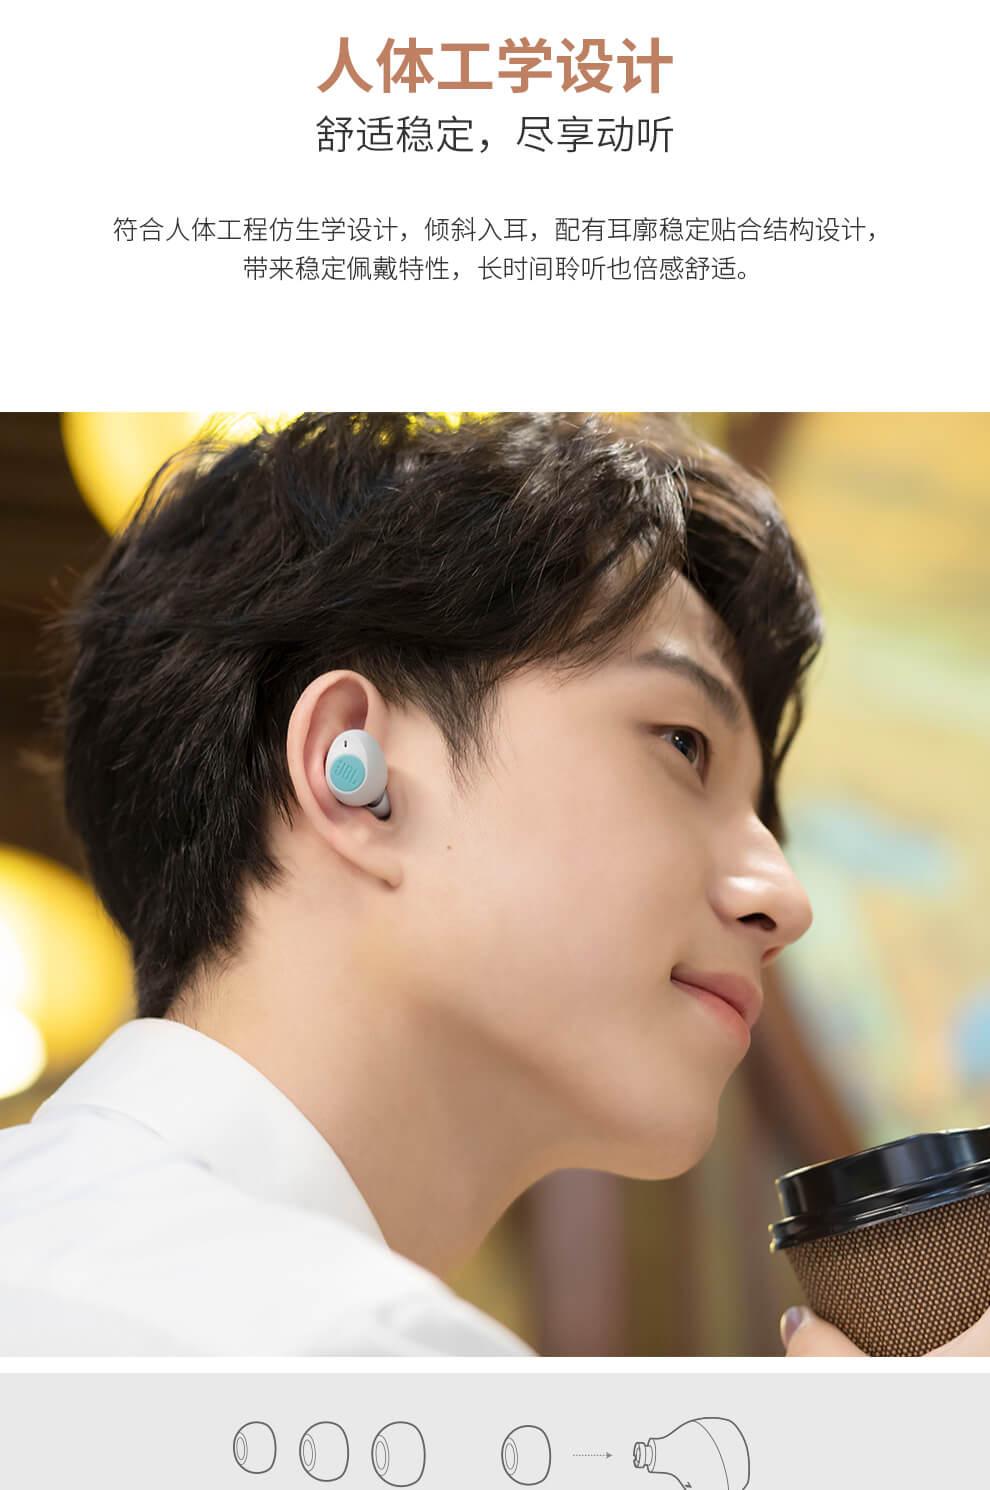 JBL T115TWS蓝牙耳机真无线正品运动原装降噪长续航入耳式耳机